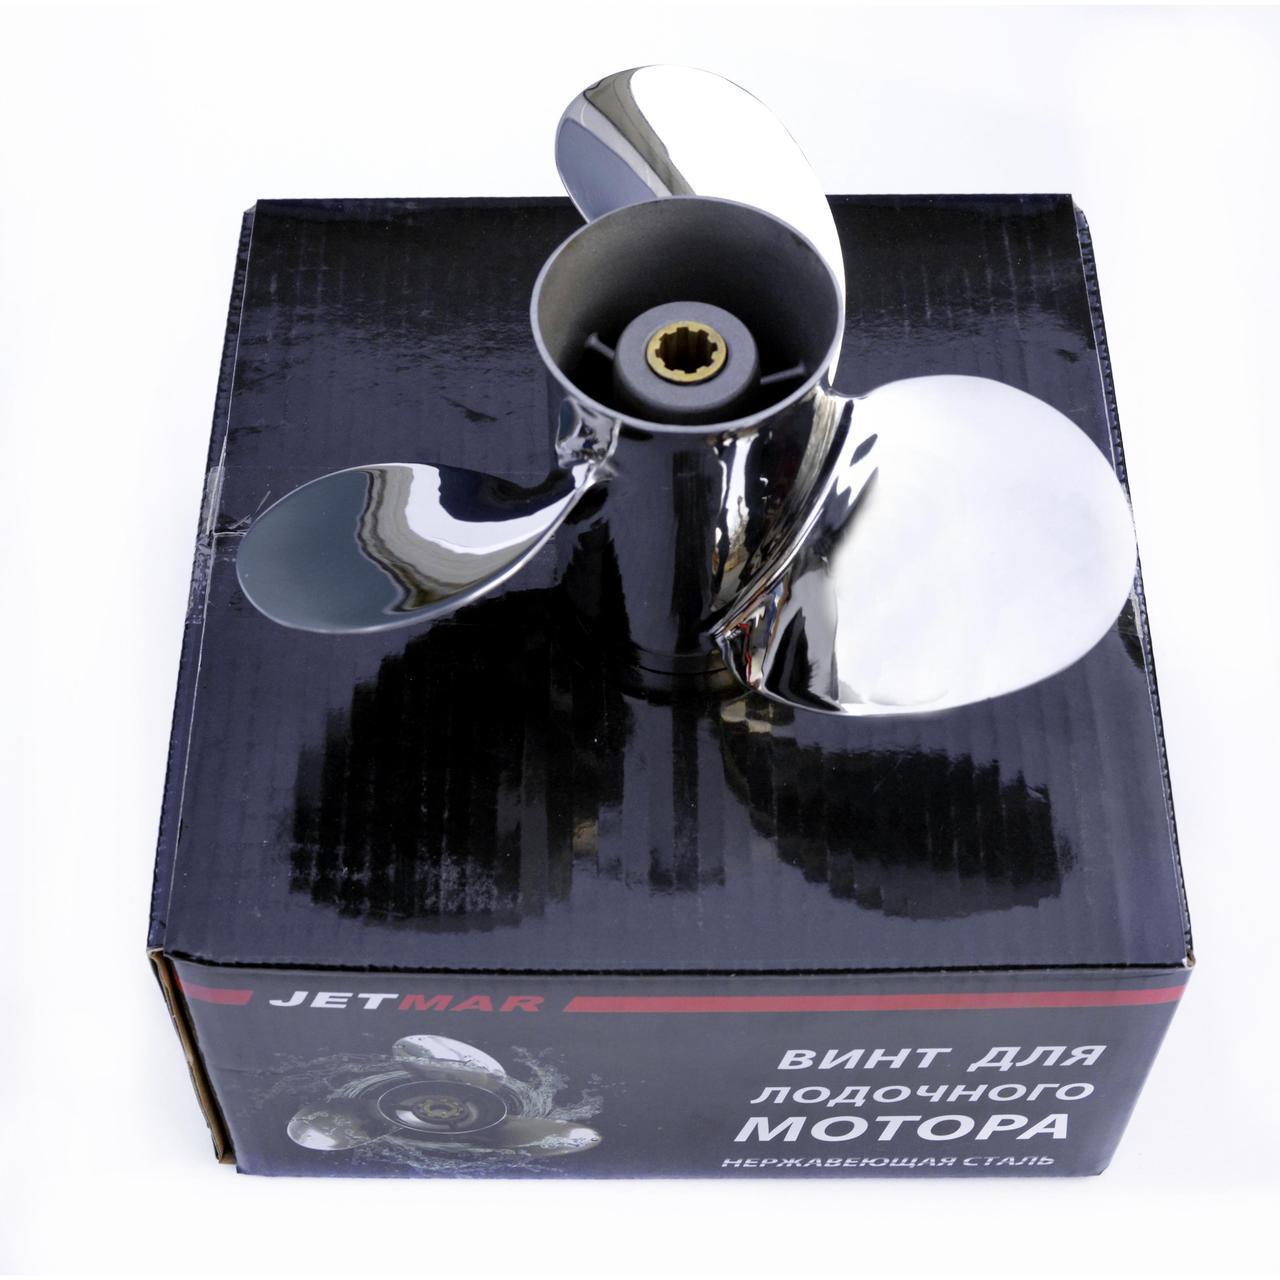 Винт JETMAR нерж, Yamaha нержавейка 663-45945-02-EL